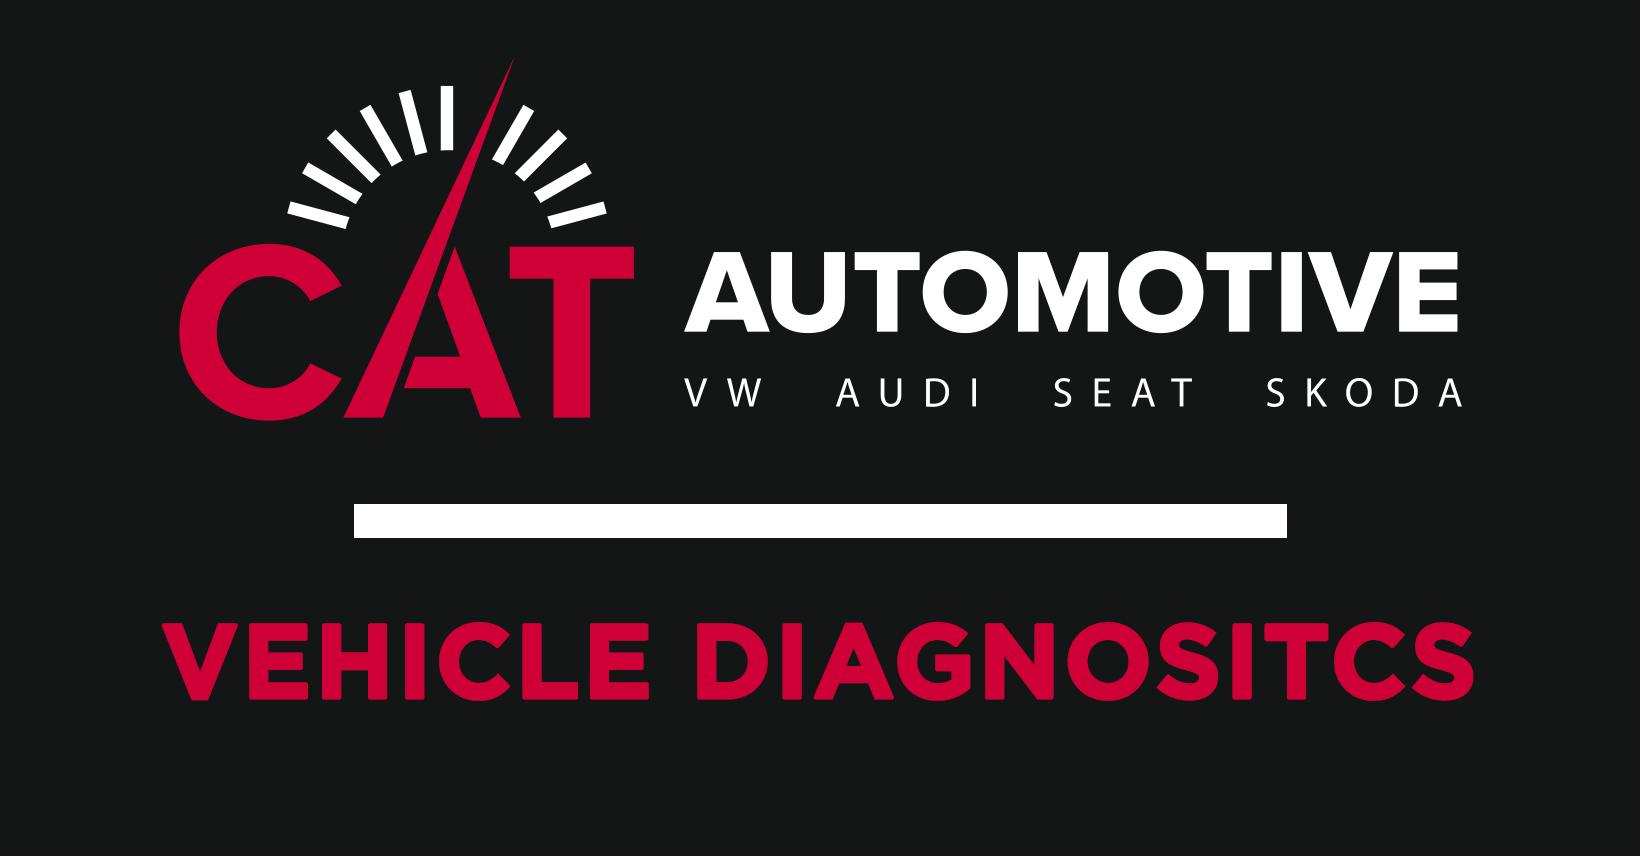 Vehicle Diagnostics Norwich